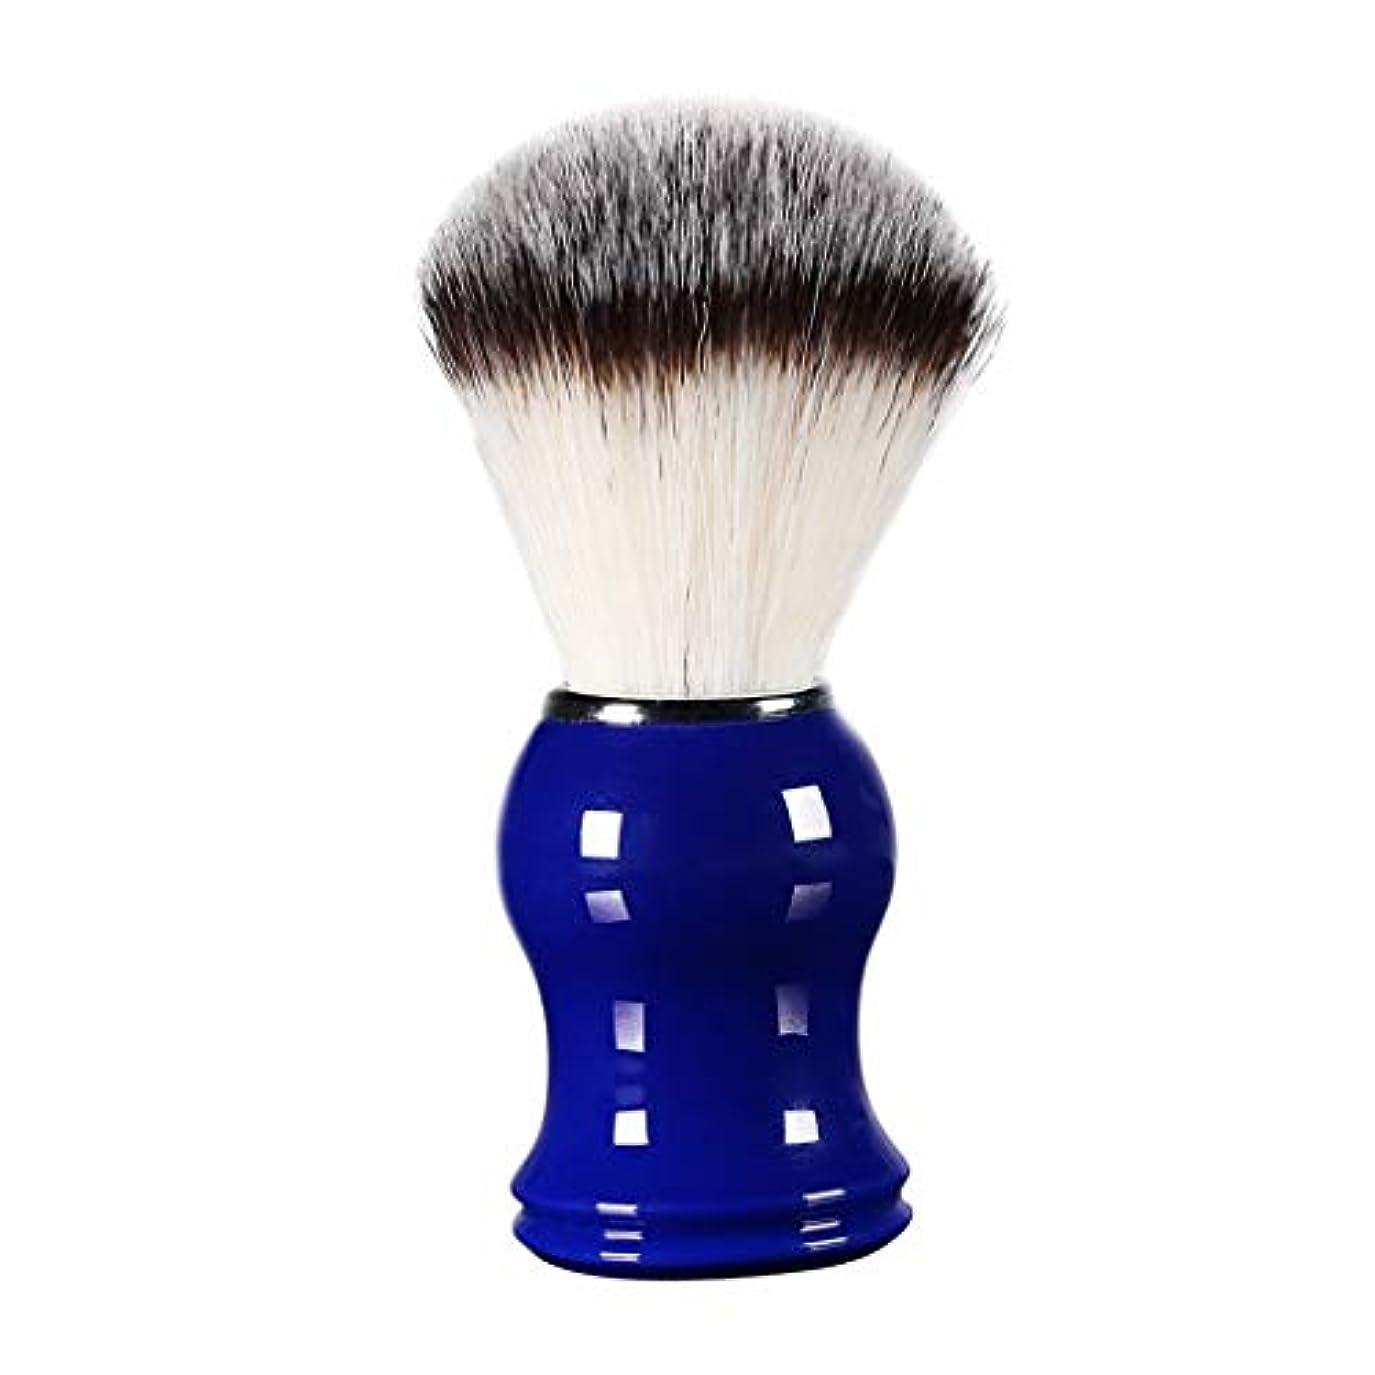 移動する天のクリック床屋 サロン 髭剃り シェービングブラシ メンズ 泡立ち 洗顔 理容 約11cm